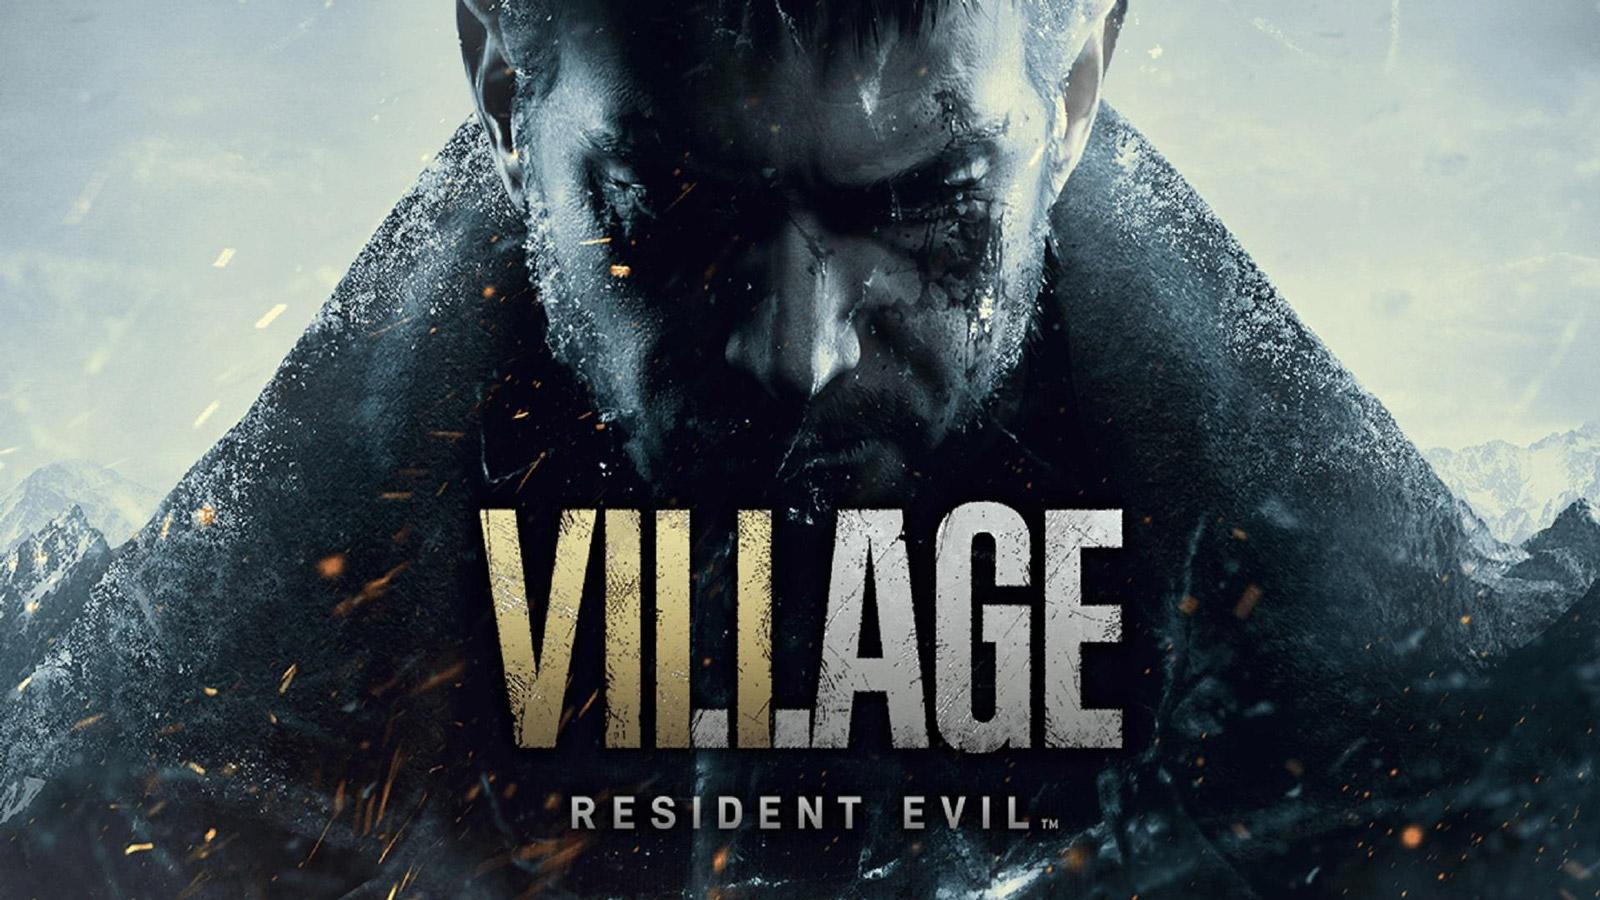 Resident Evil Village Wallpaper in 1600x900